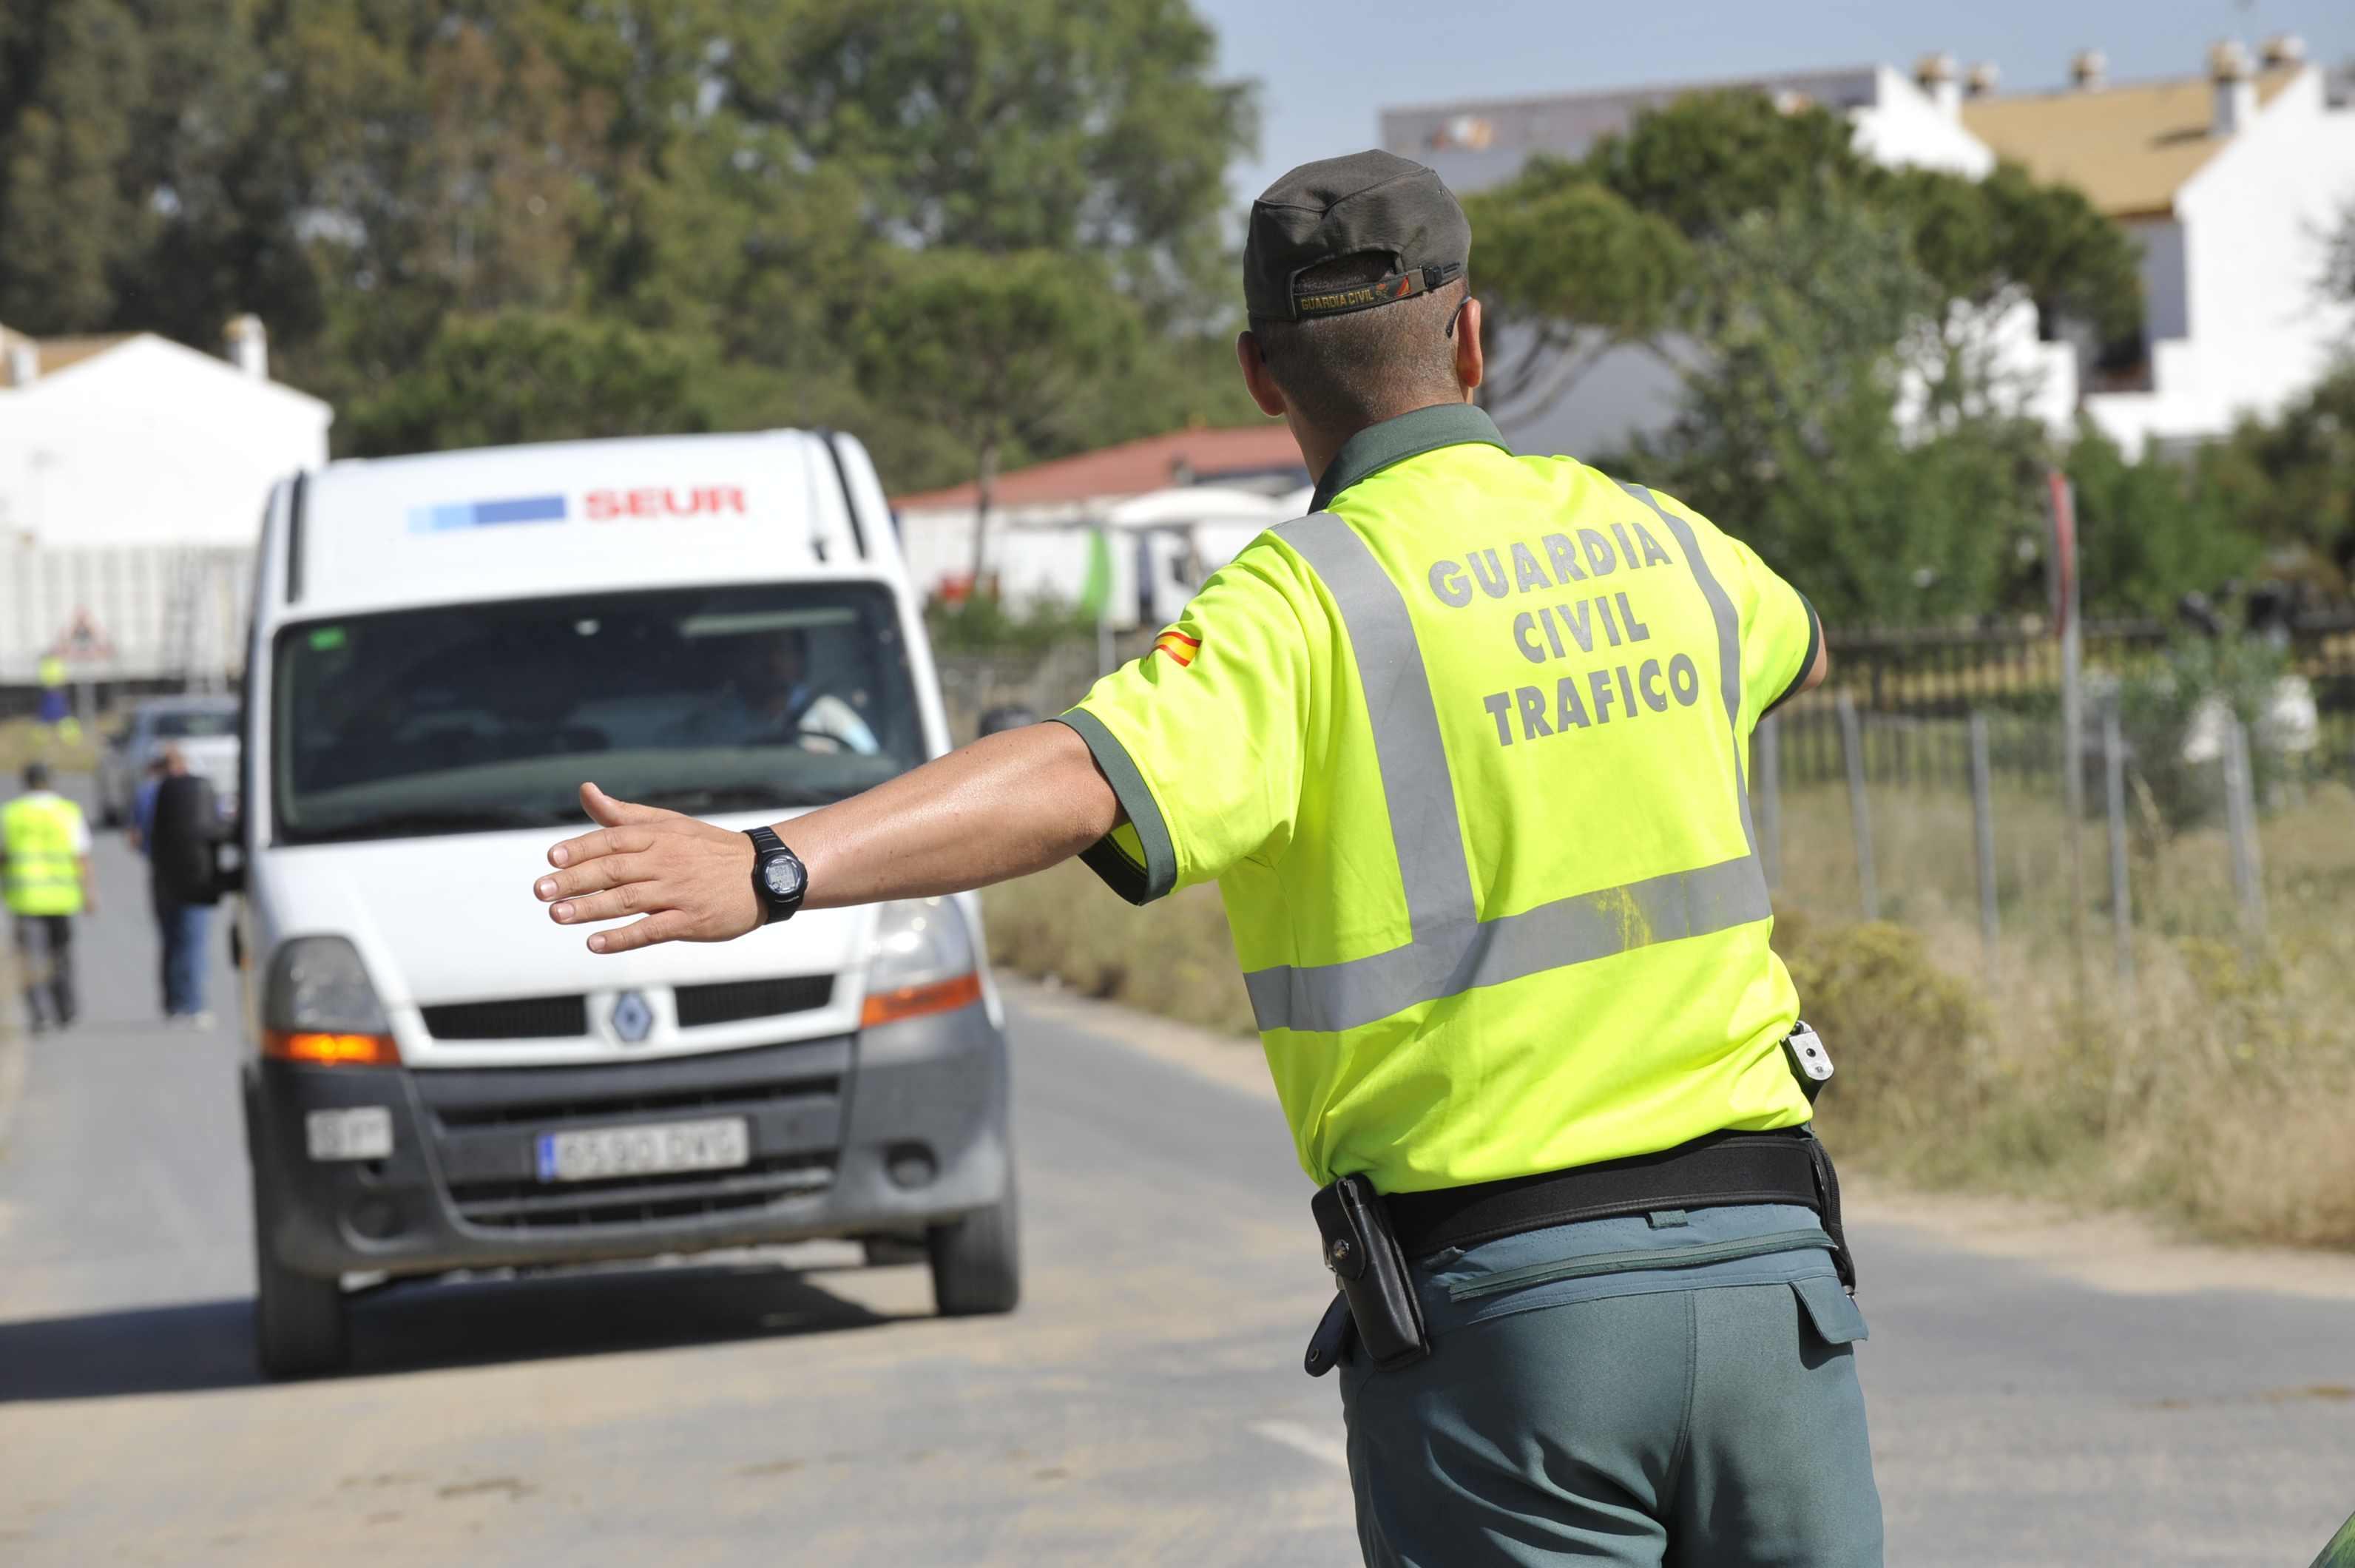 Guardia Civil controles de carretera